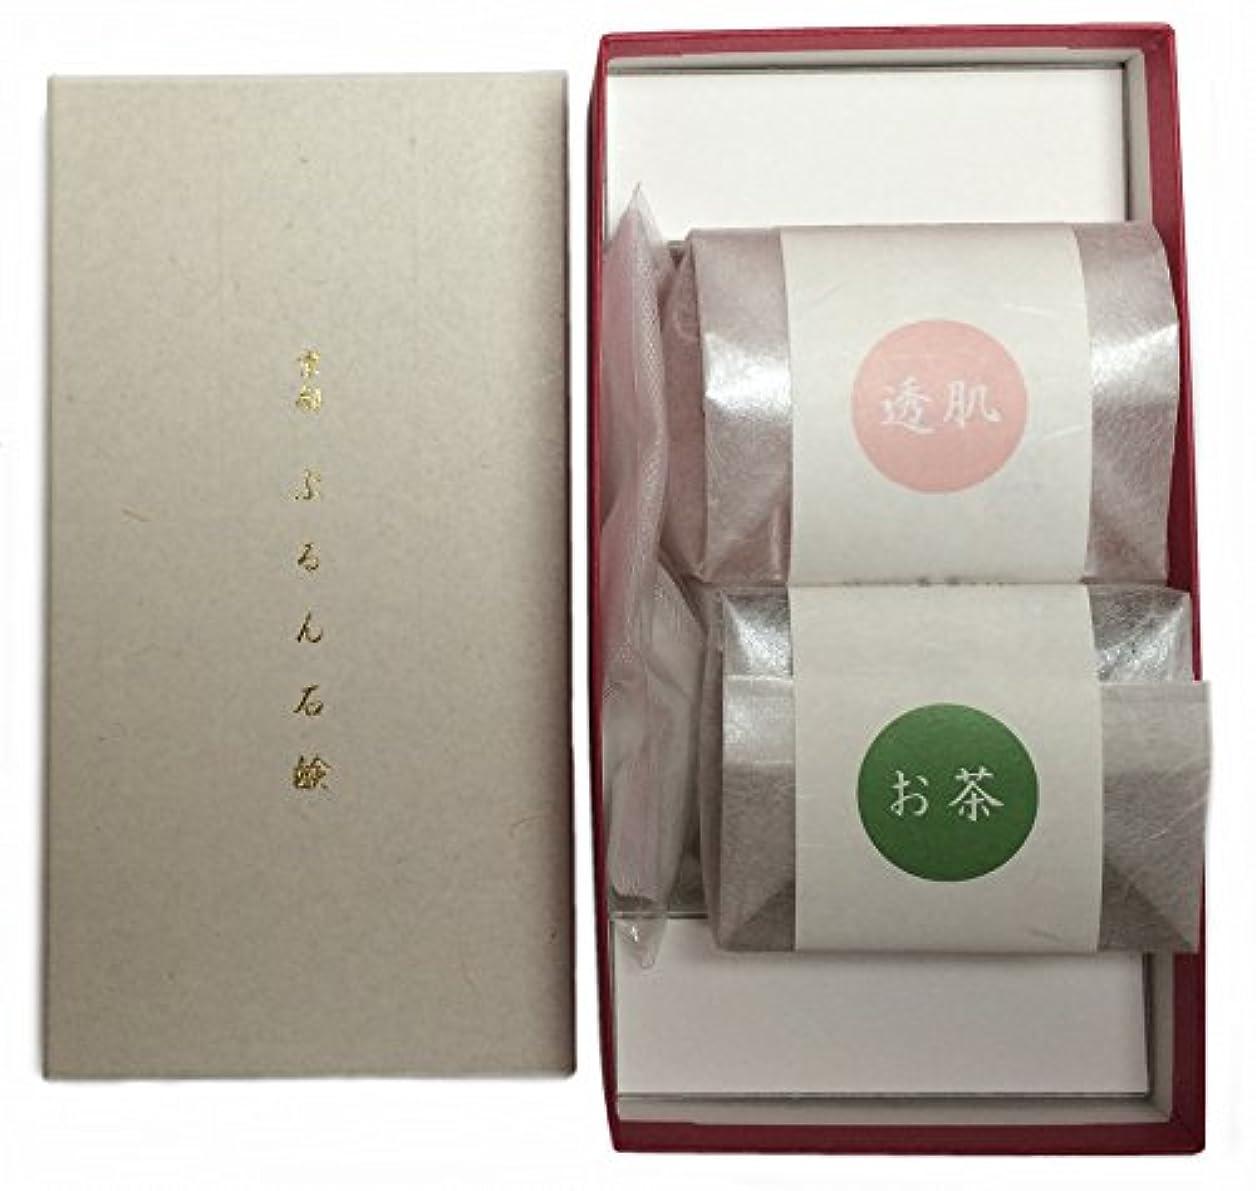 クリープスロベニア慢な京都 ぷるん石鹸 ピュアソープ ヒアルロン酸 コラーゲン ギフトボックス 2種2個セット